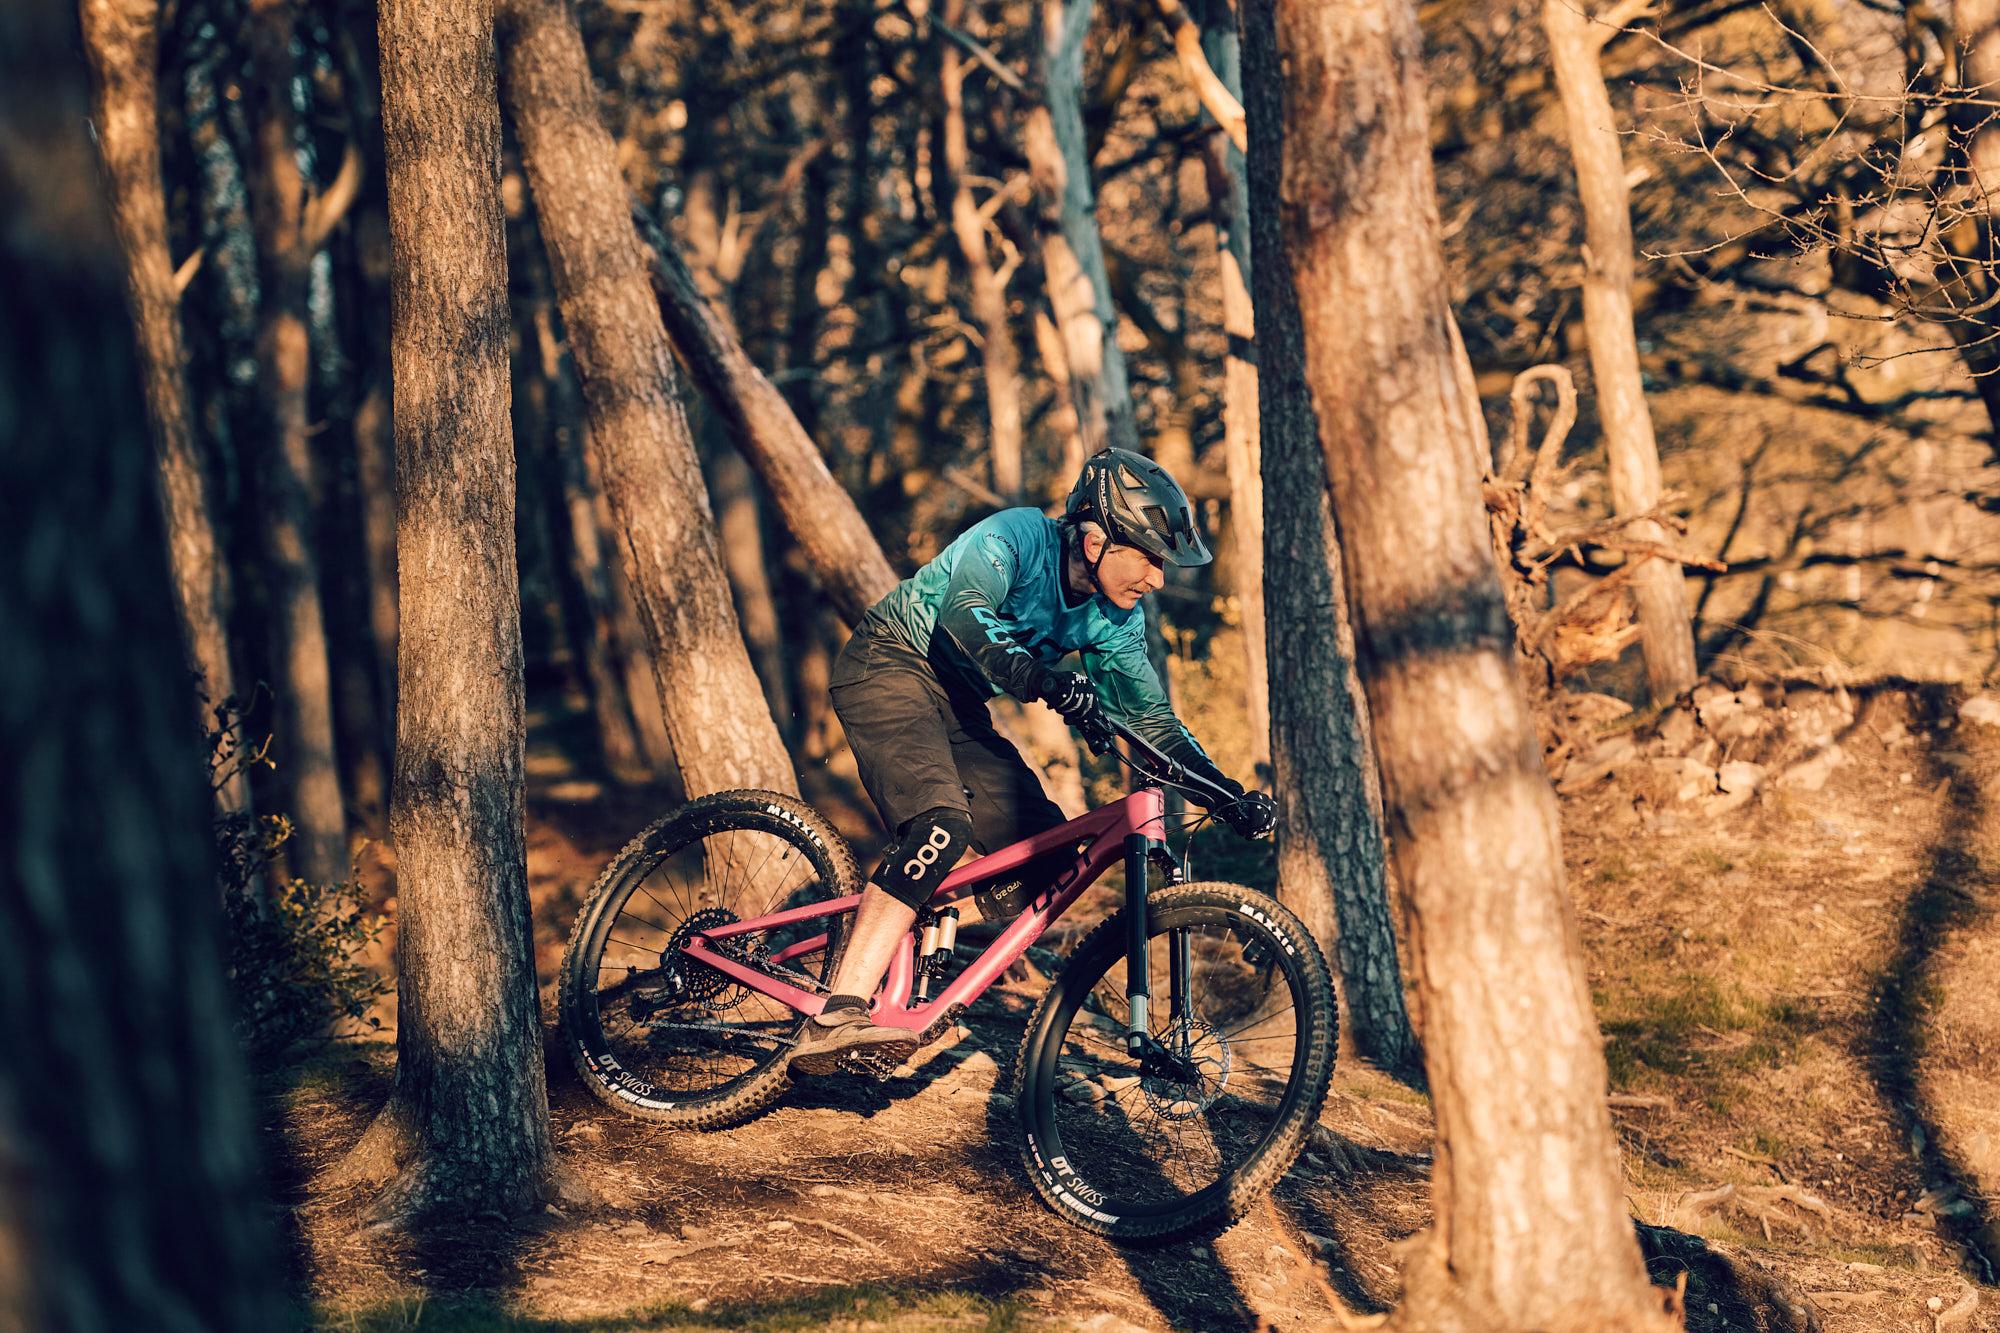 LAST CINTO Joerg Heydt 006 Cycleholix